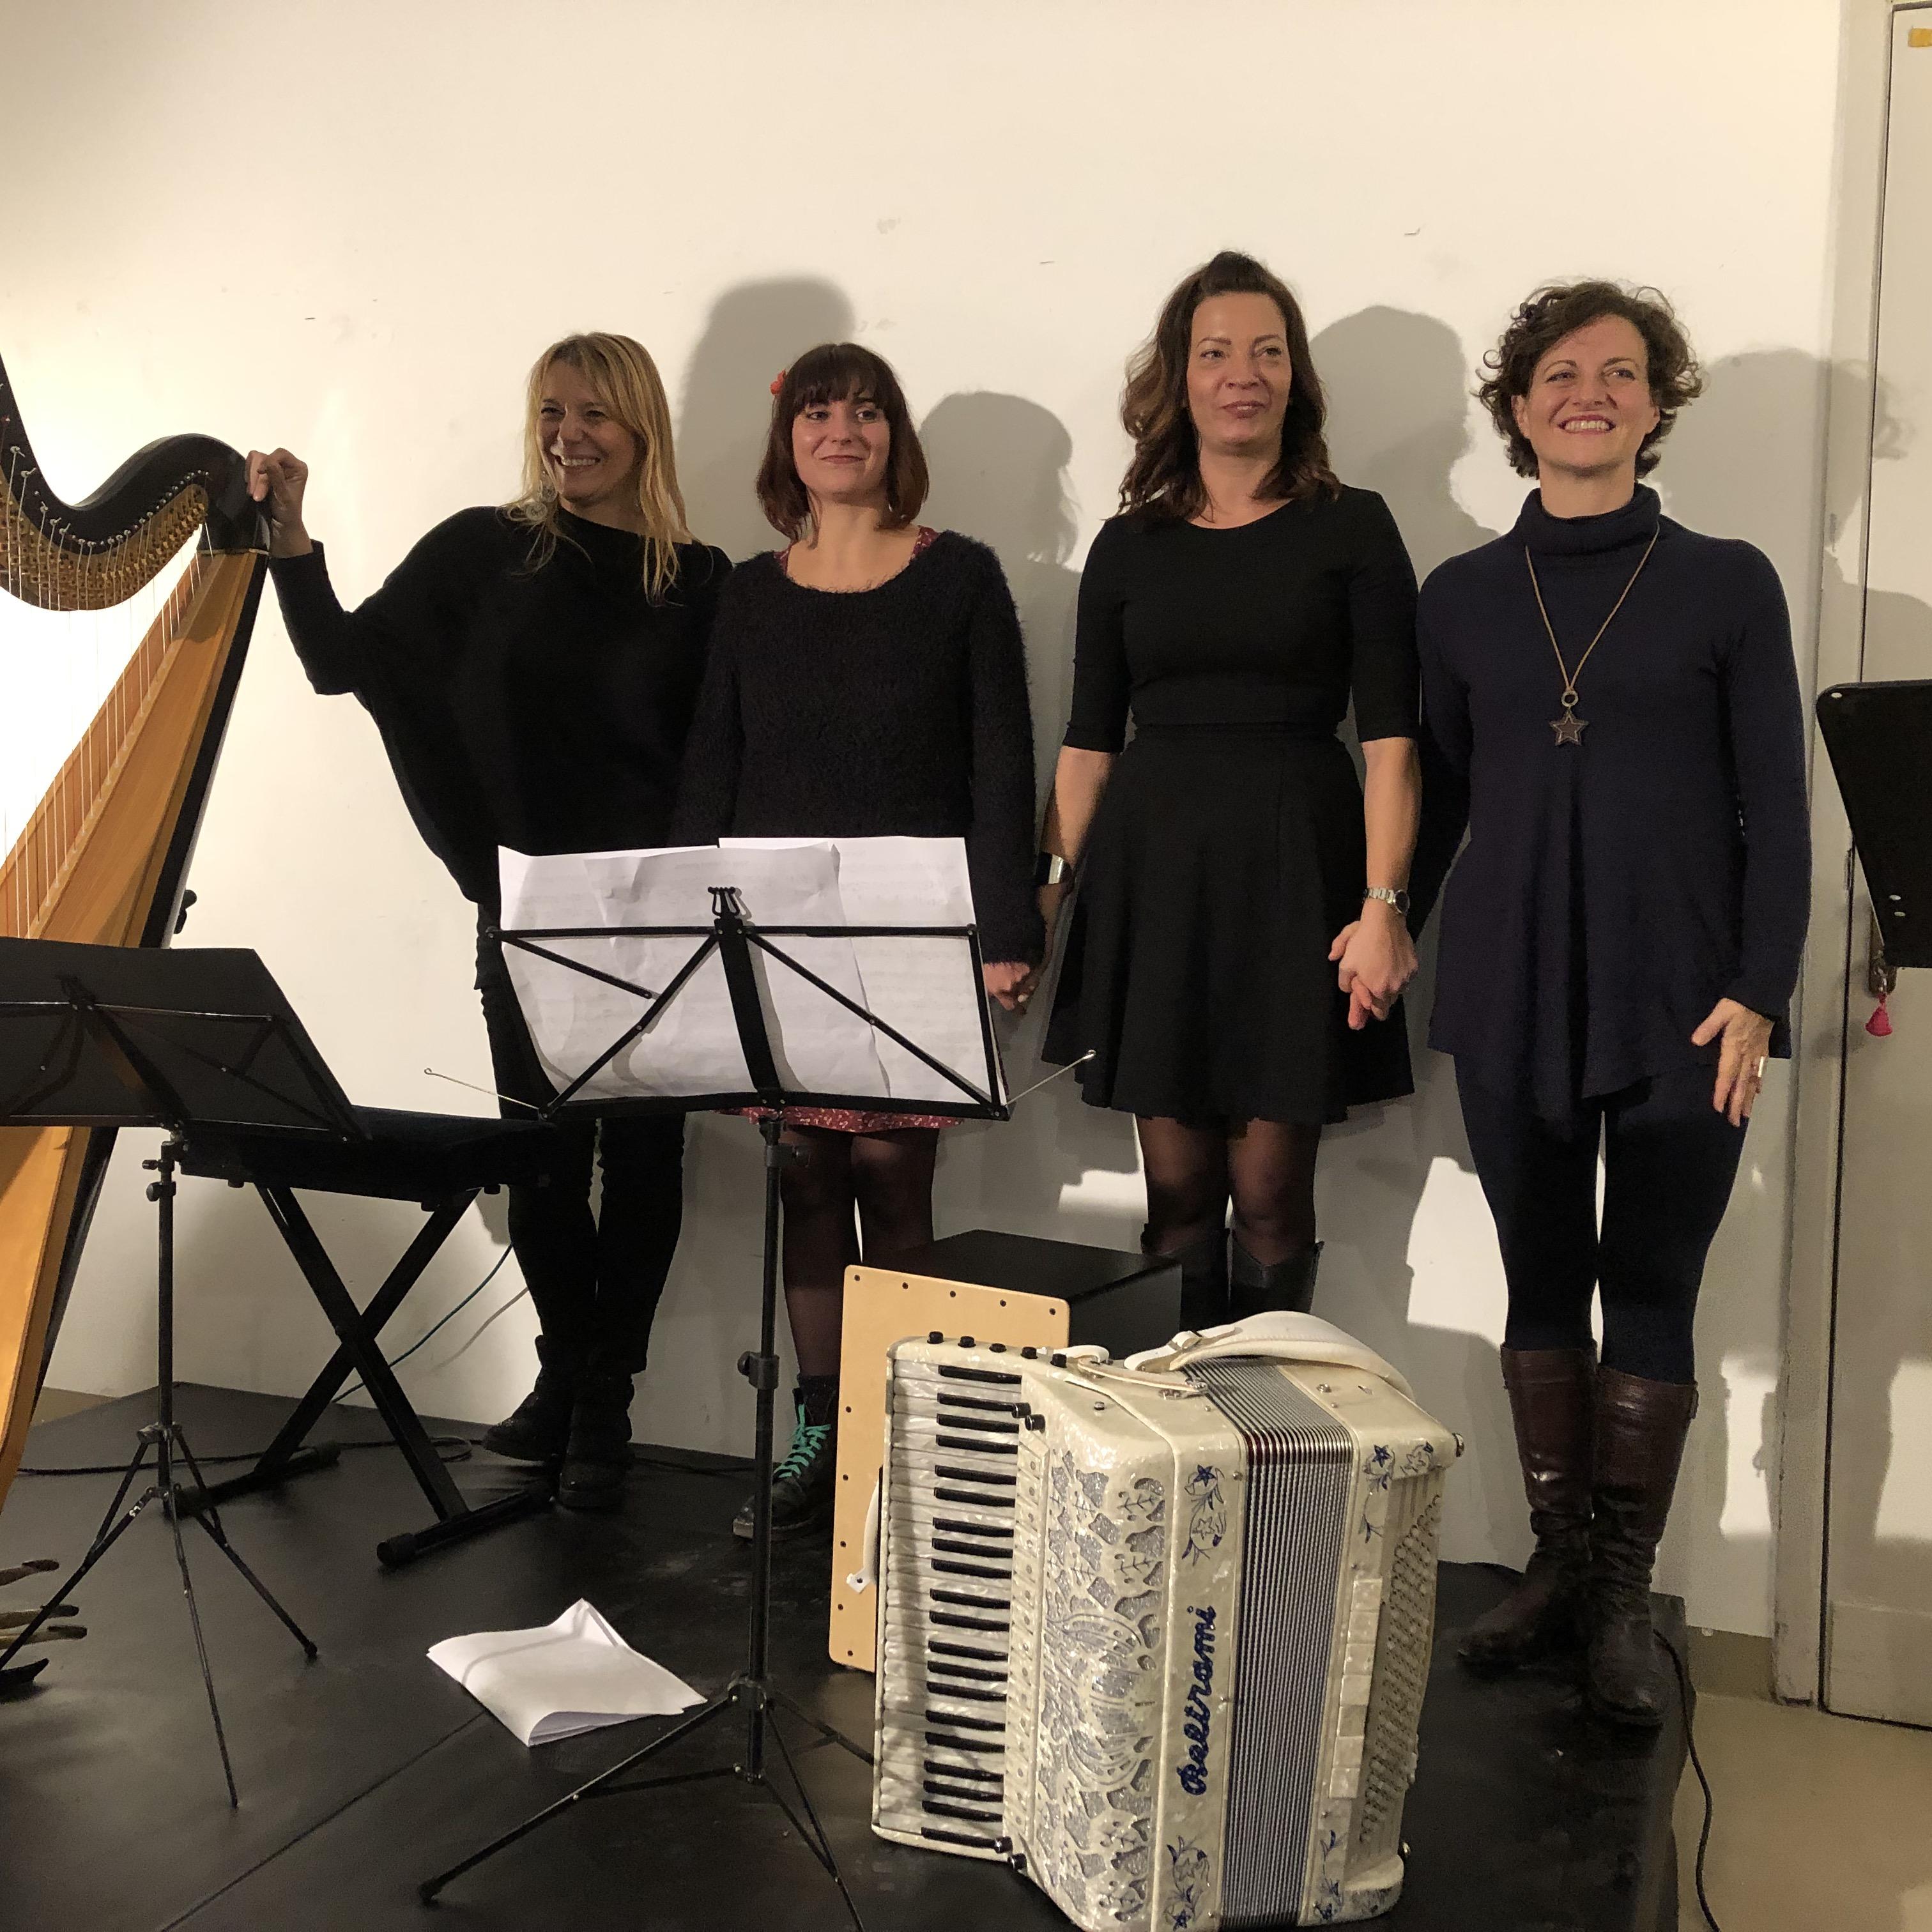 ARPA, MUSICA, POESIA: L'EMOZIONE DELLA SERATA SULL'AFRICA